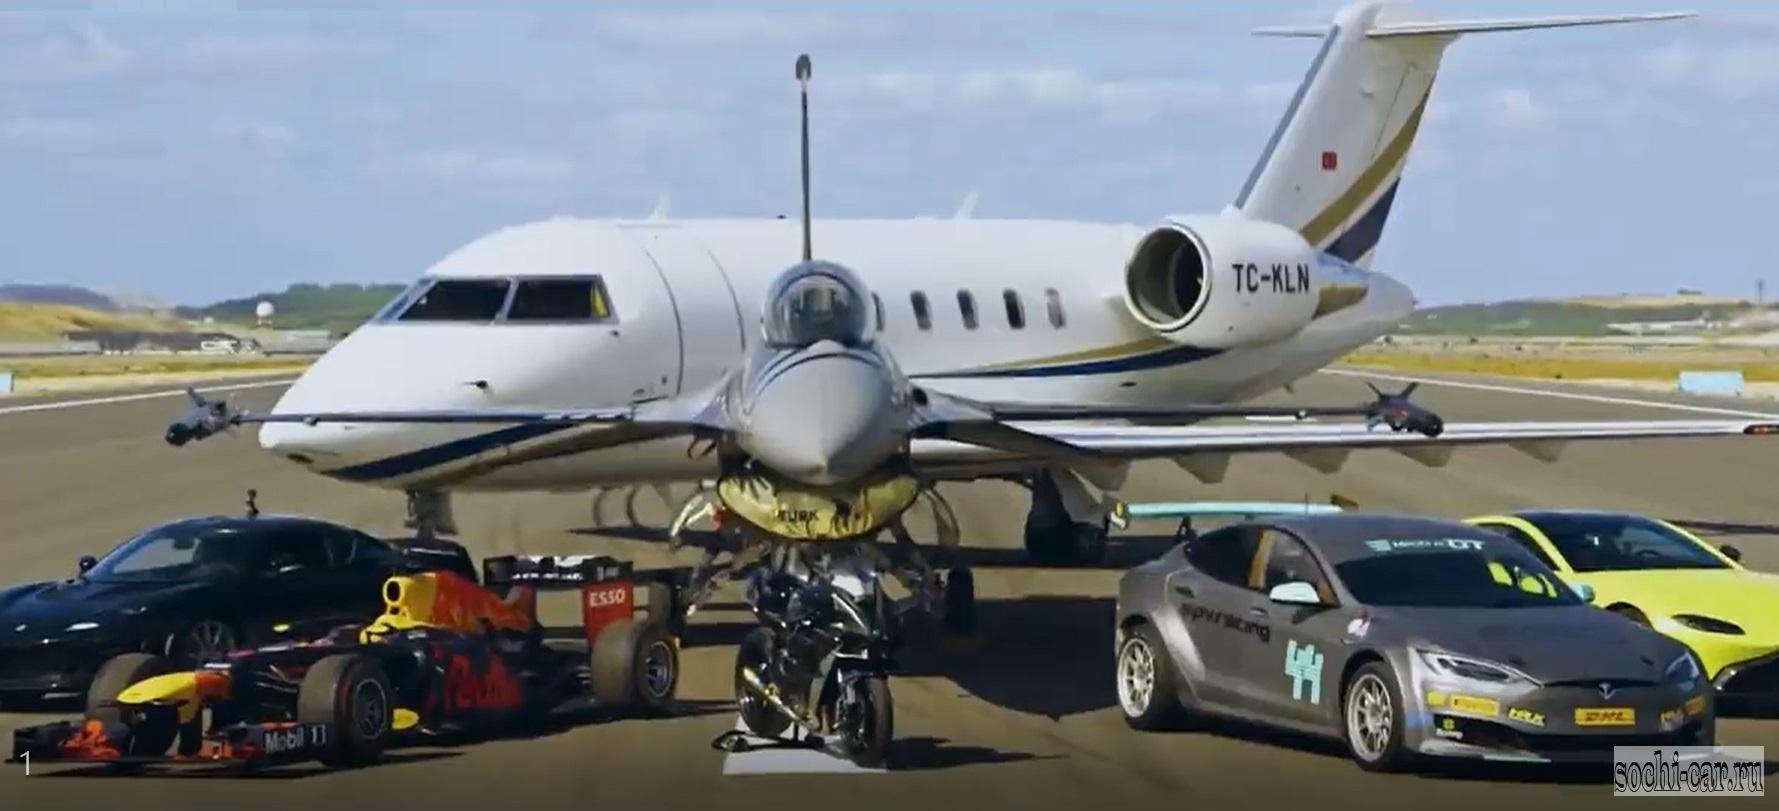 Кто быстрей: самолёт, машина или мотоцикл?